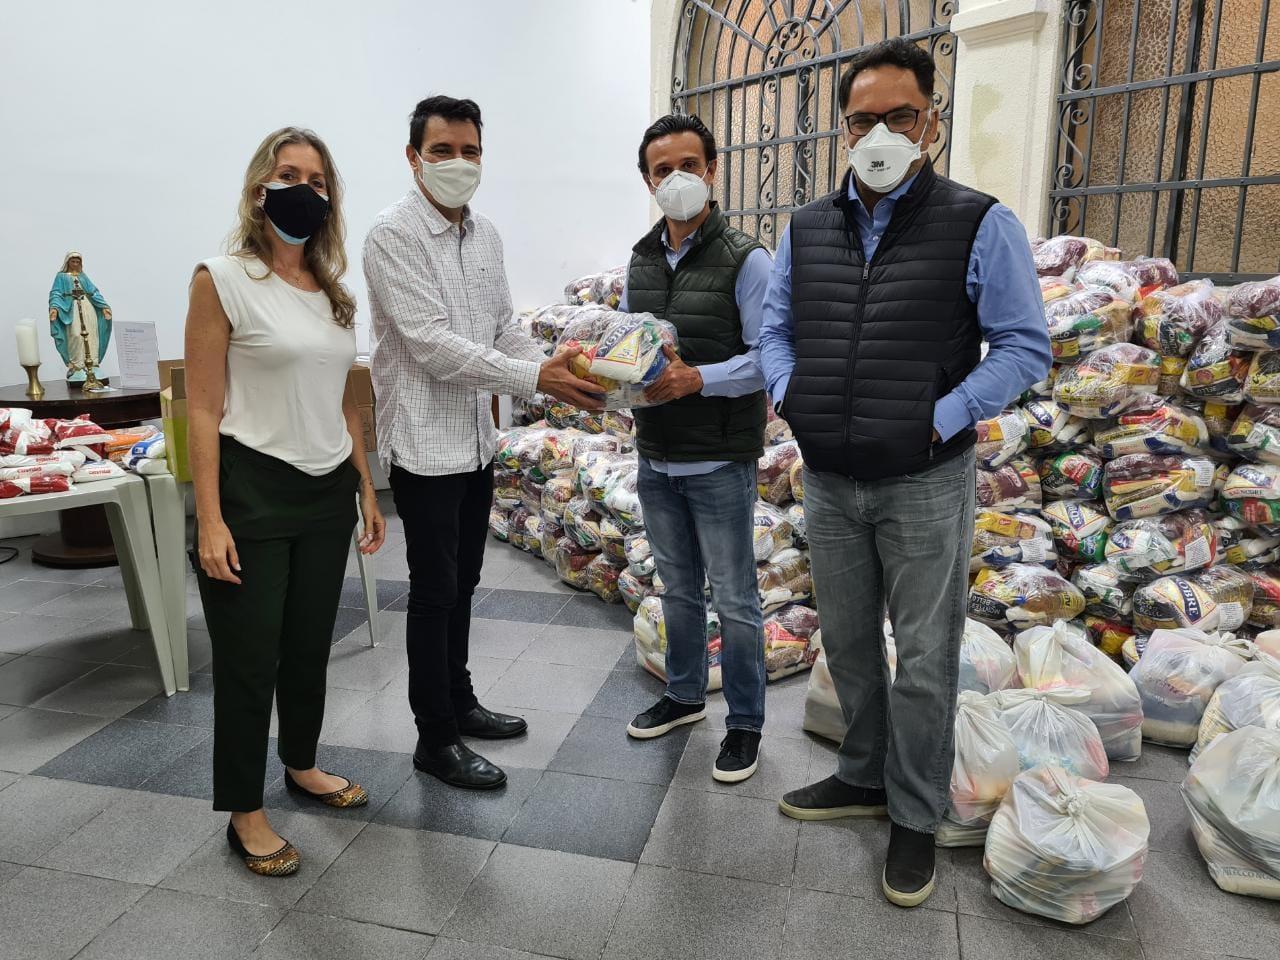 Em campanha solidária, Associação de Cavalo arrecada 3 toneladas de alimentos 41